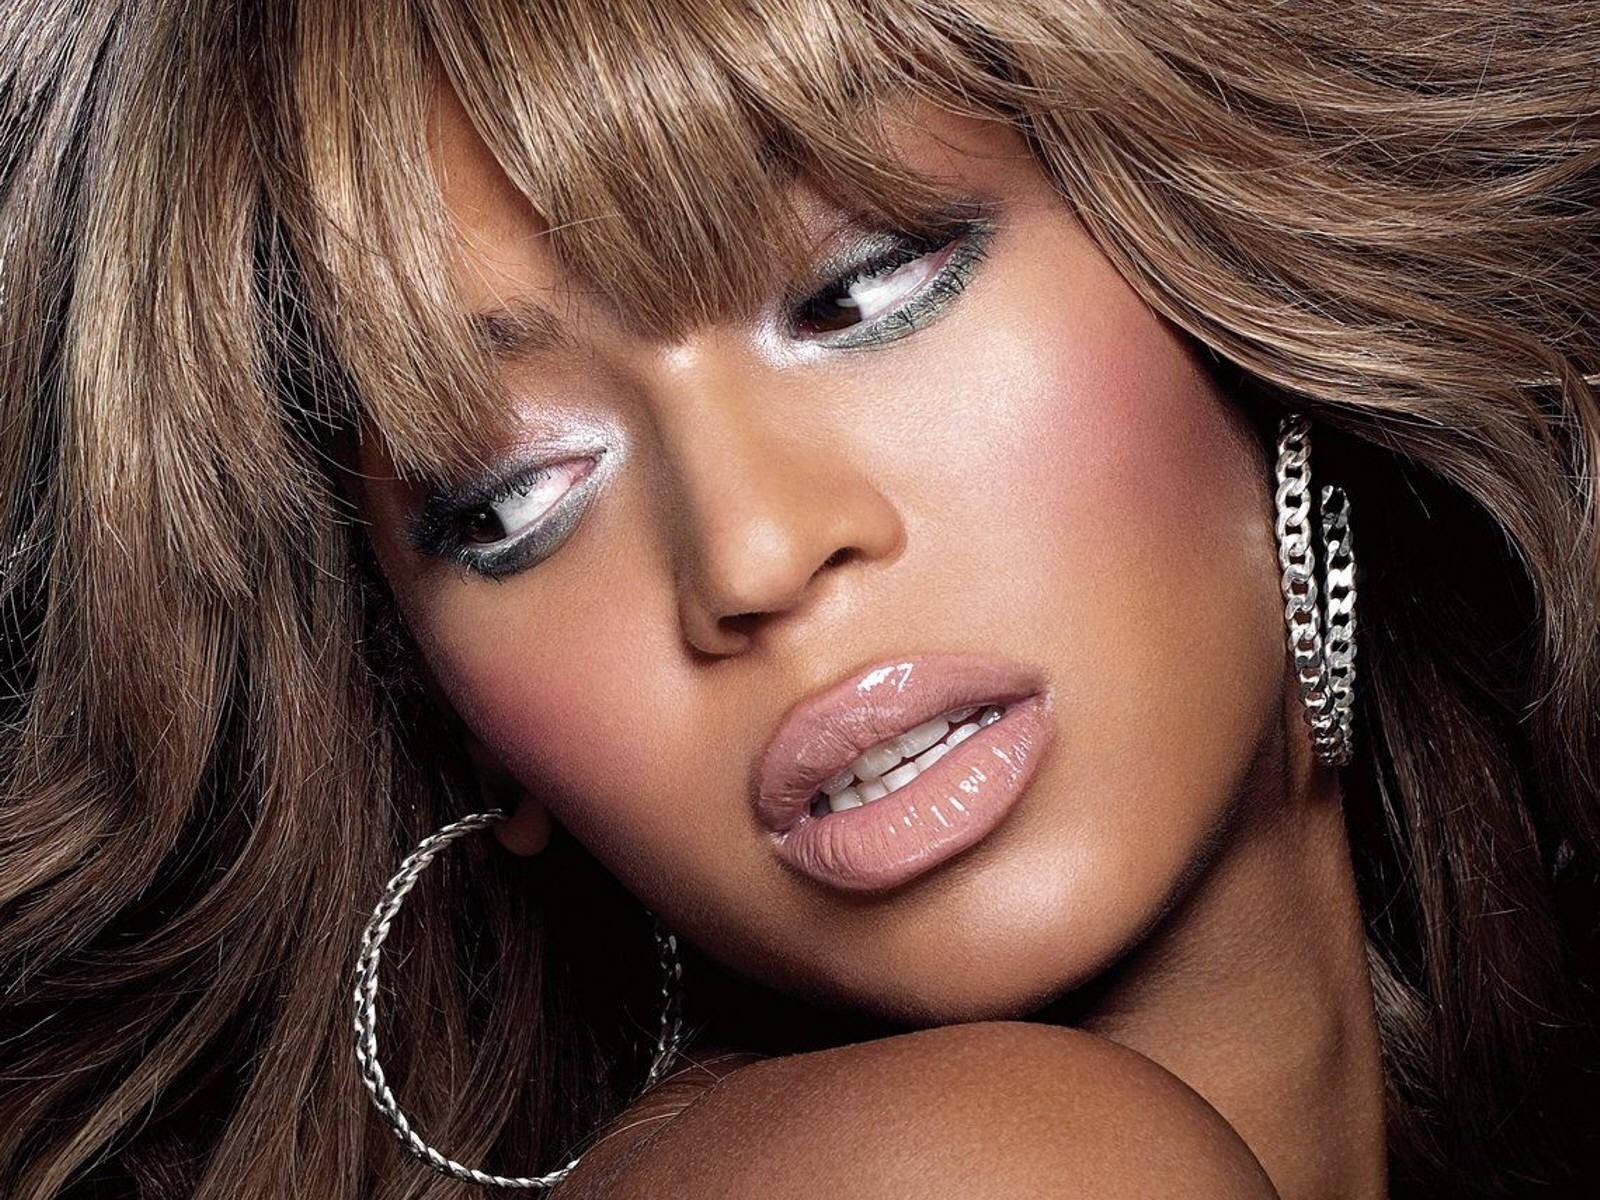 Wallpaper di Beyoncé Knowles 12